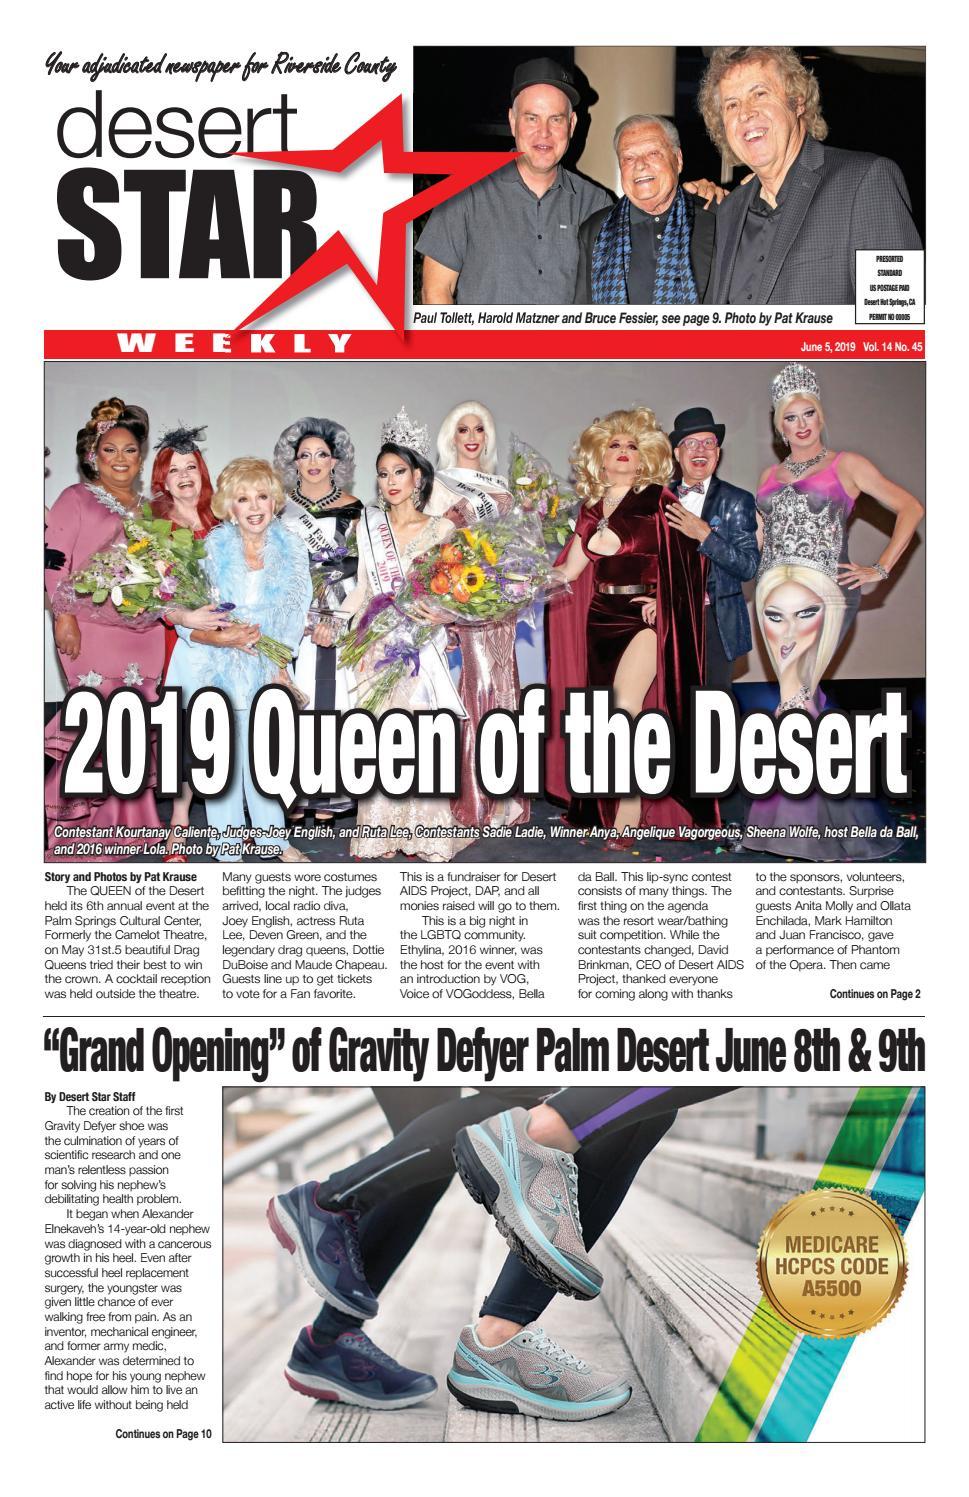 Desert Star Weekly June 5, 2019 issue! by The Desert Star